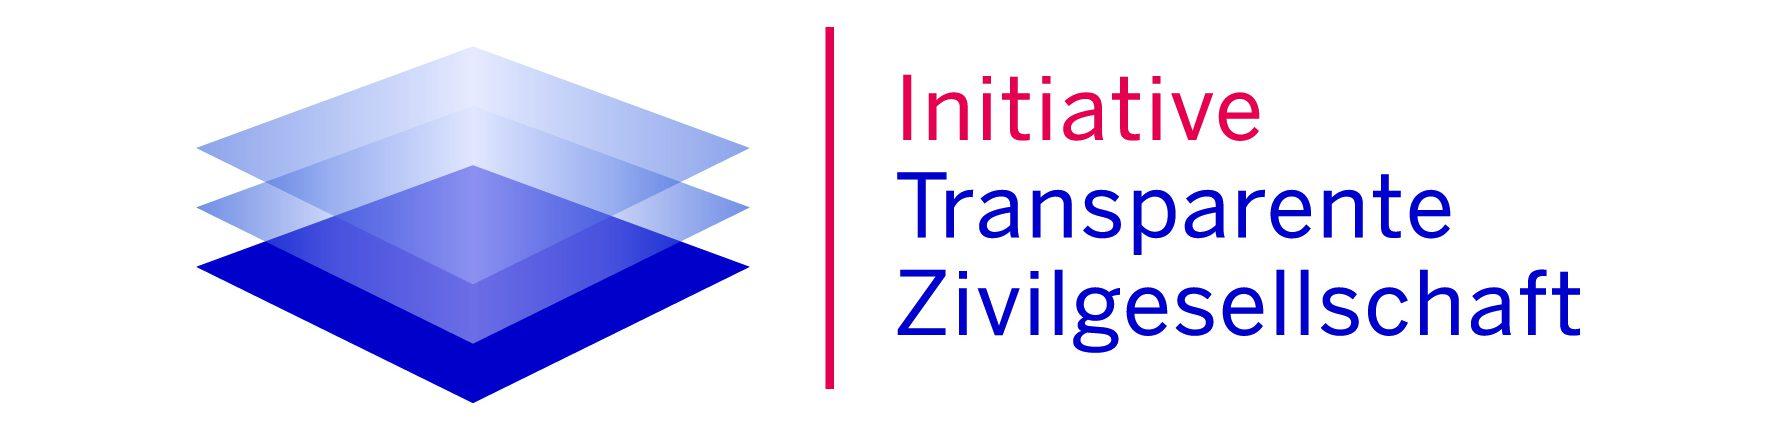 Logo Transparente Zivilgesellschaft e1553682685751 - Rotary Club Jülich leistet erheblichen Beitrag zur Weiterentwicklung des Kinderdorfs